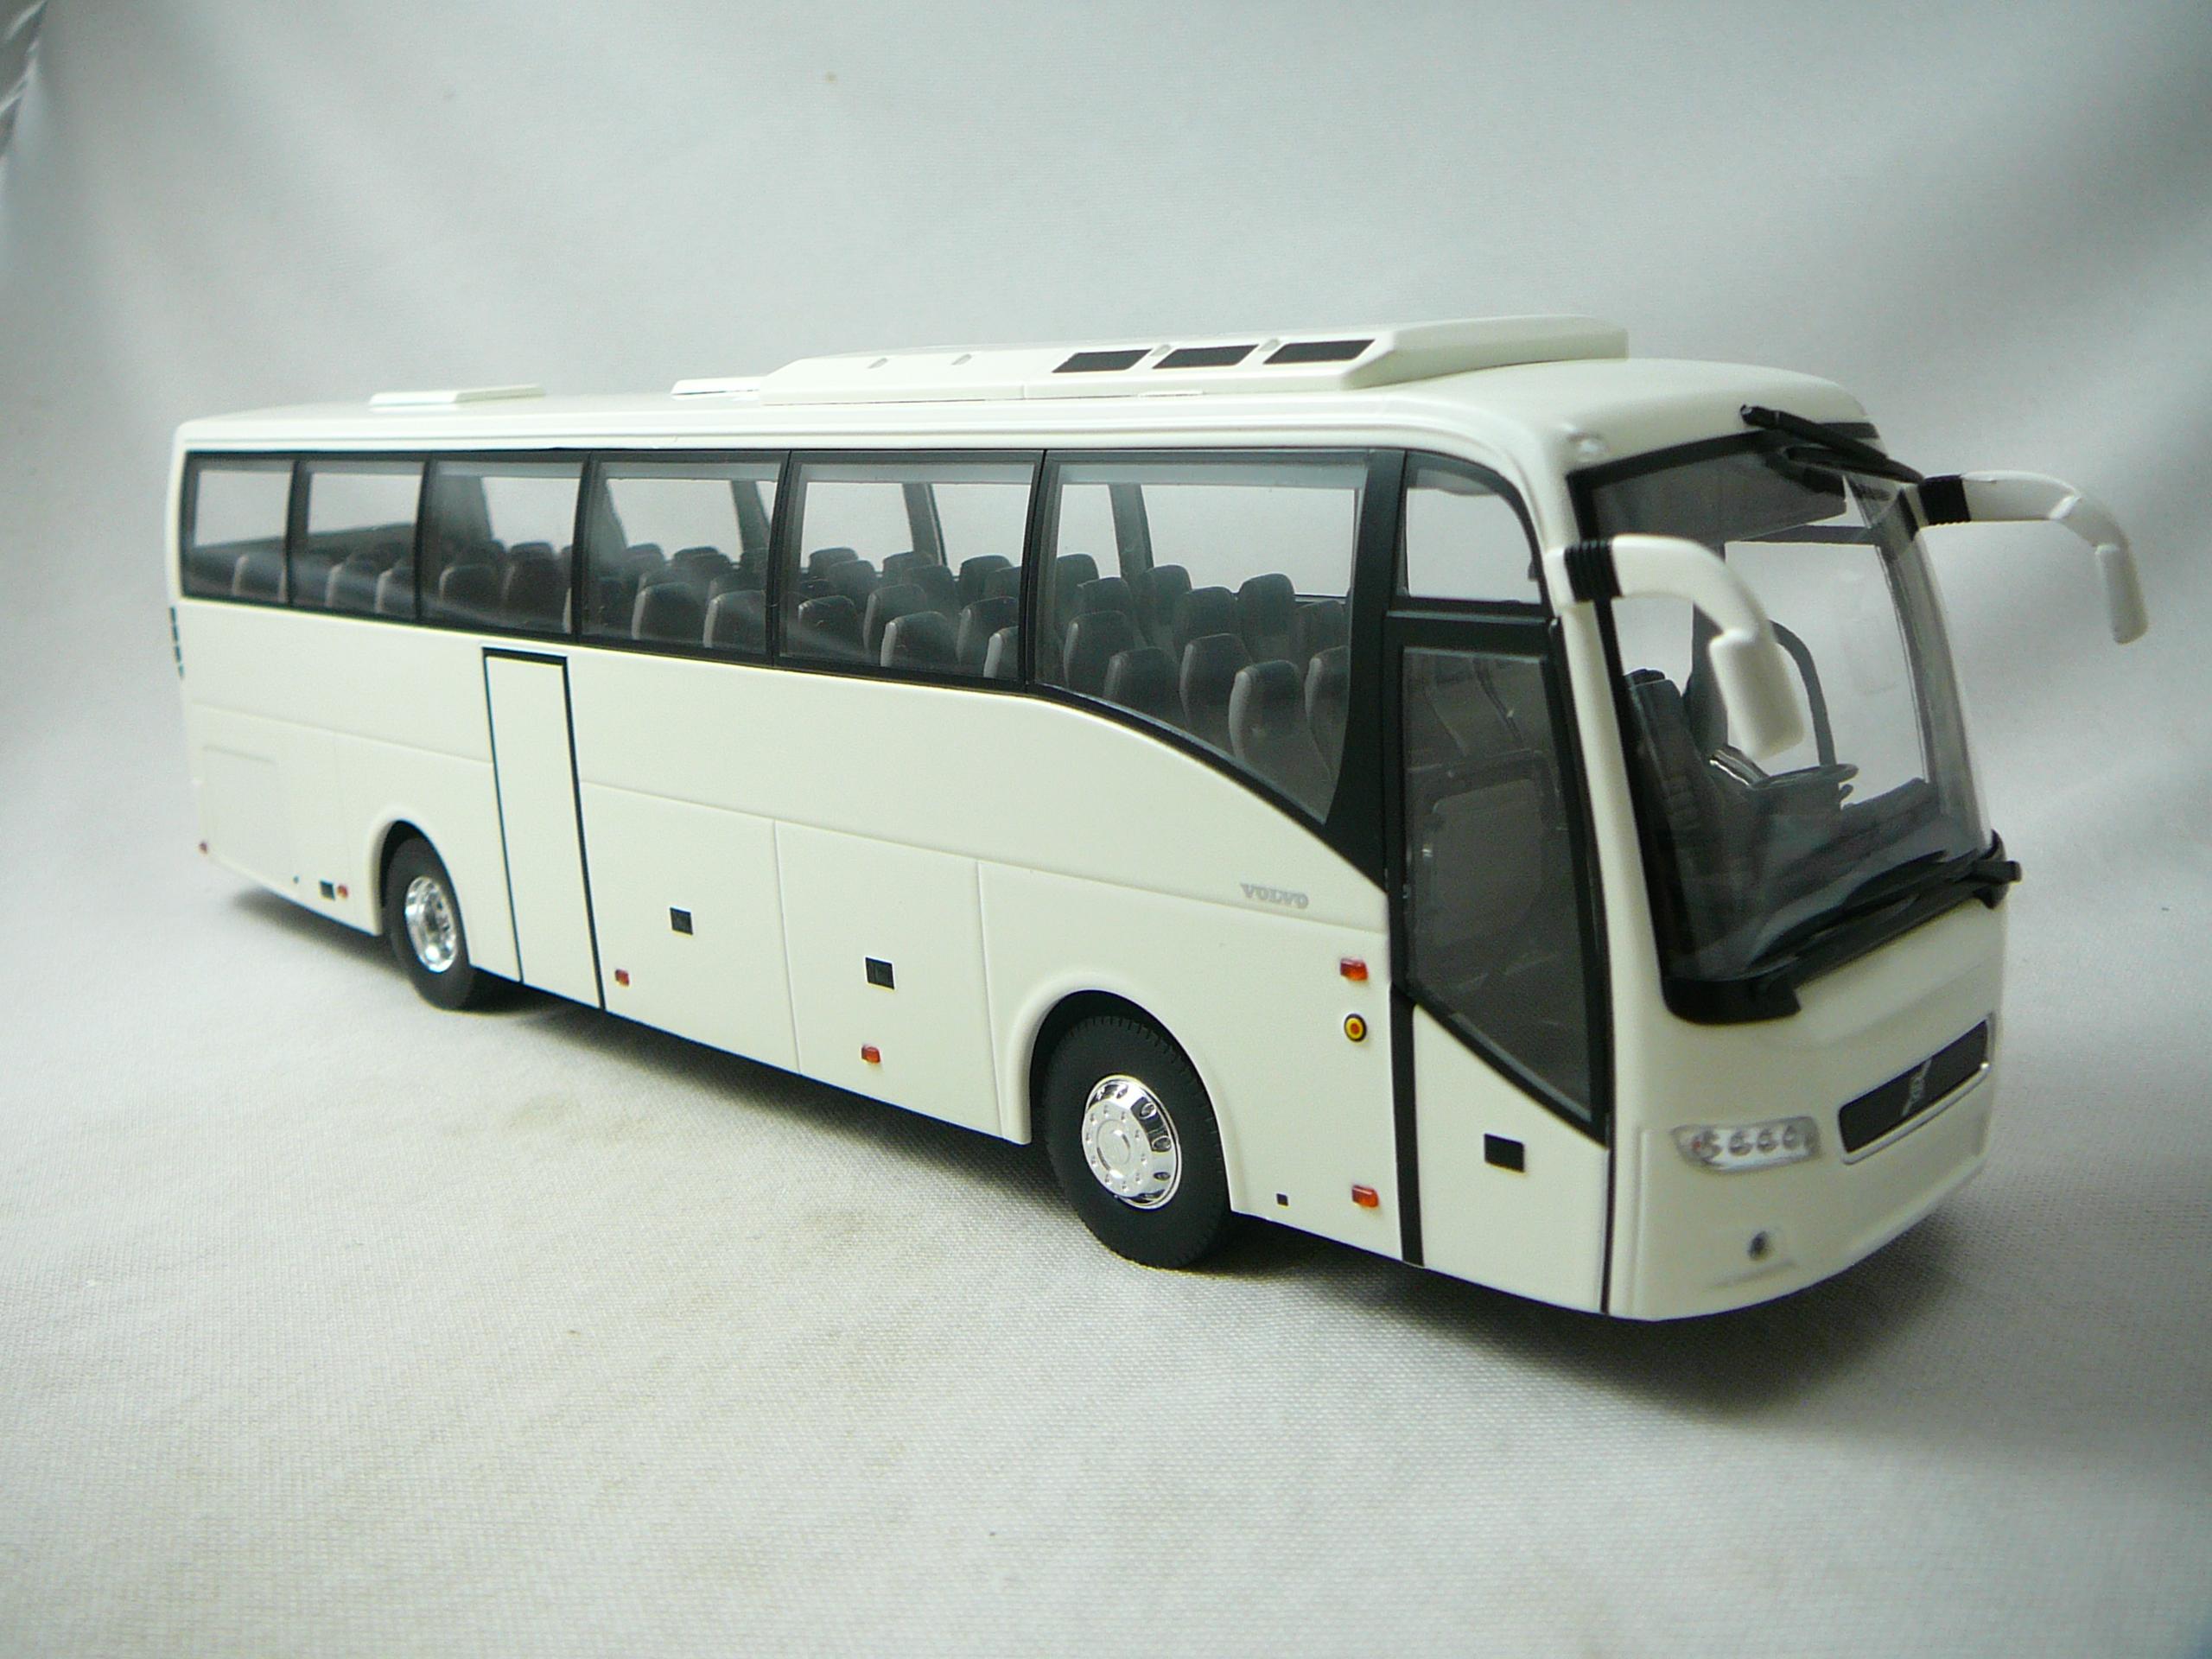 Volvo Bus 9700 Miniature 1 43 Eligor El 130071 Freeway01